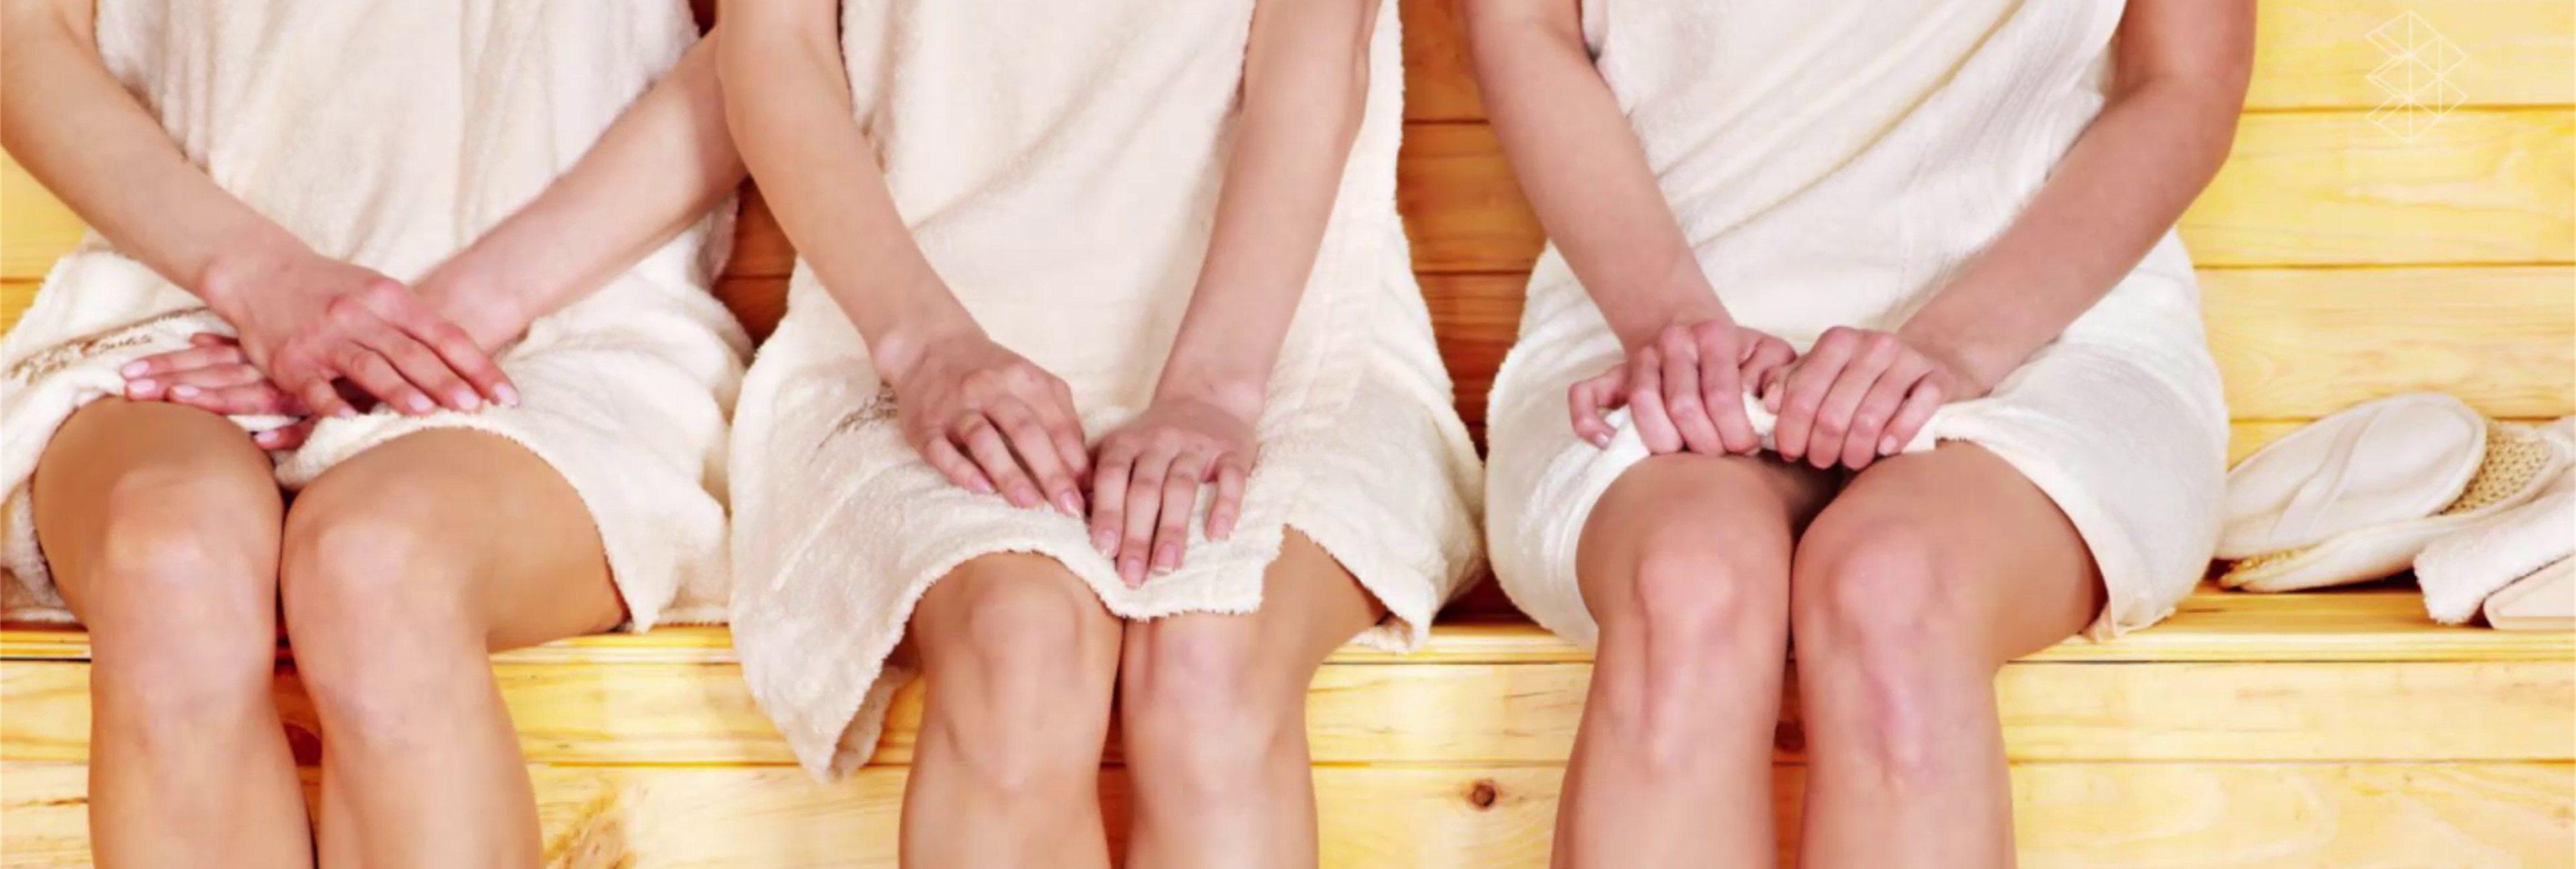 Los peligros de la moda de hacerse baños de vapor vaginales para limpiar el útero